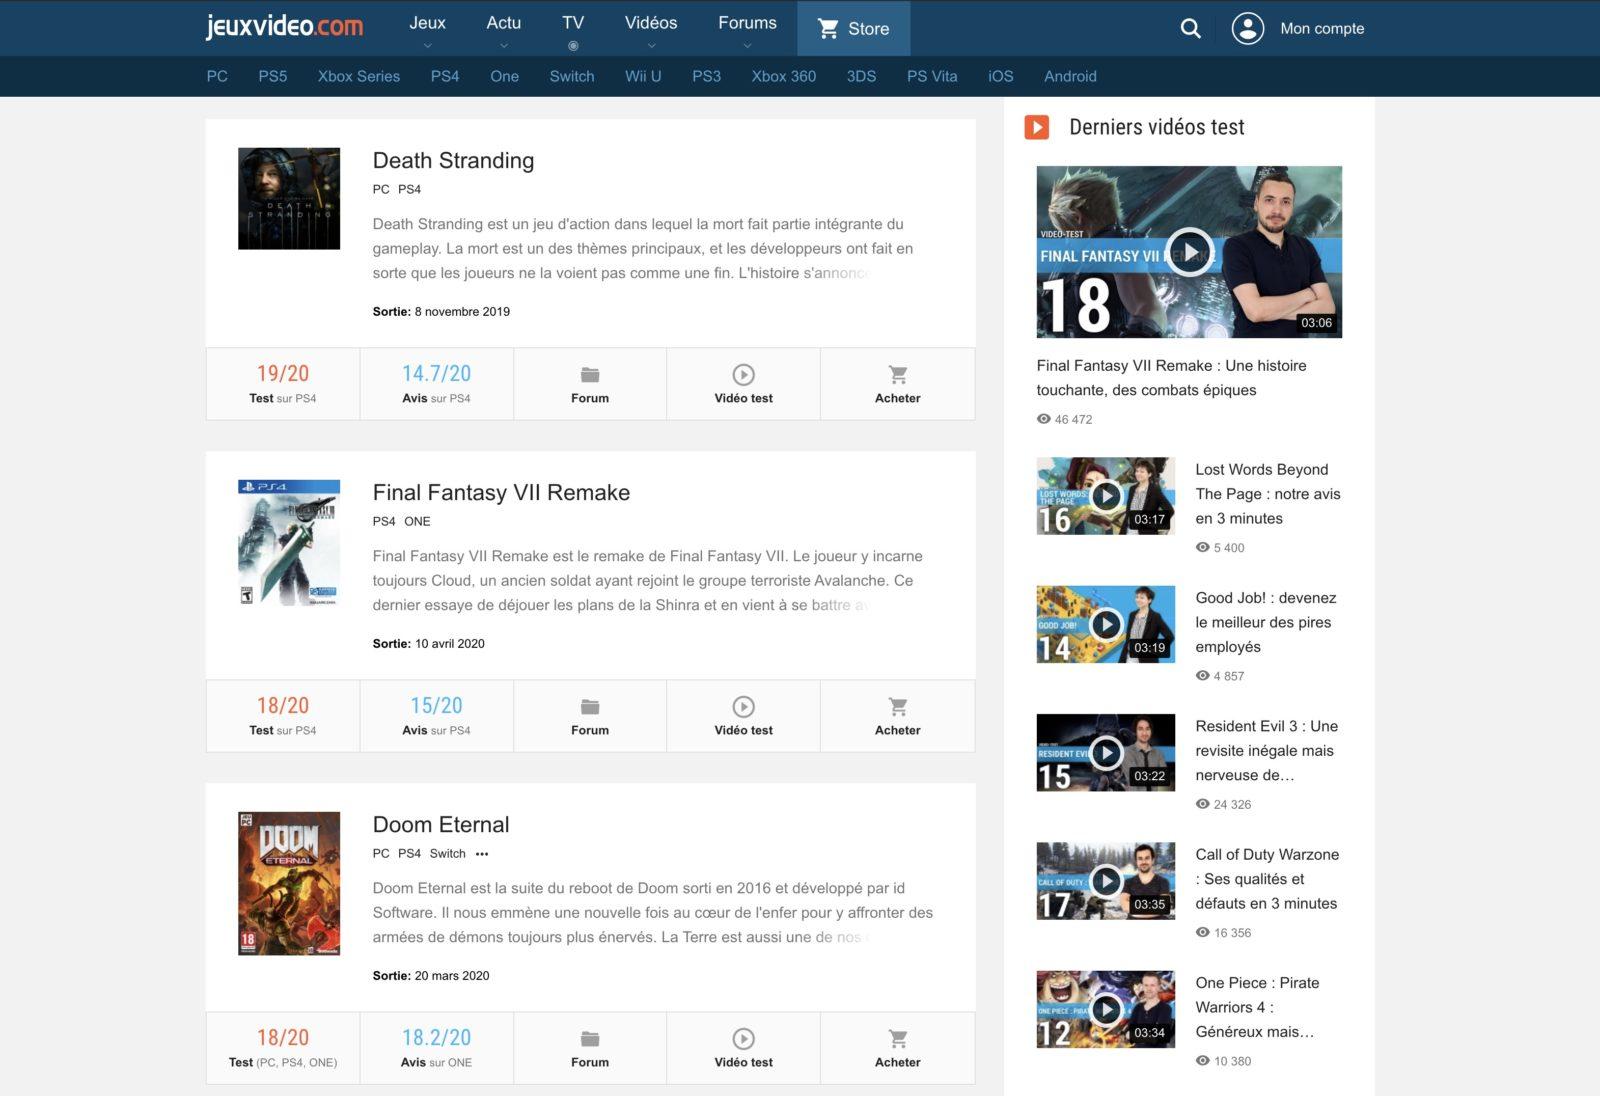 Capture d'écran de Jeuxvidéo.com, affichant les jeux du moment les mieux notés